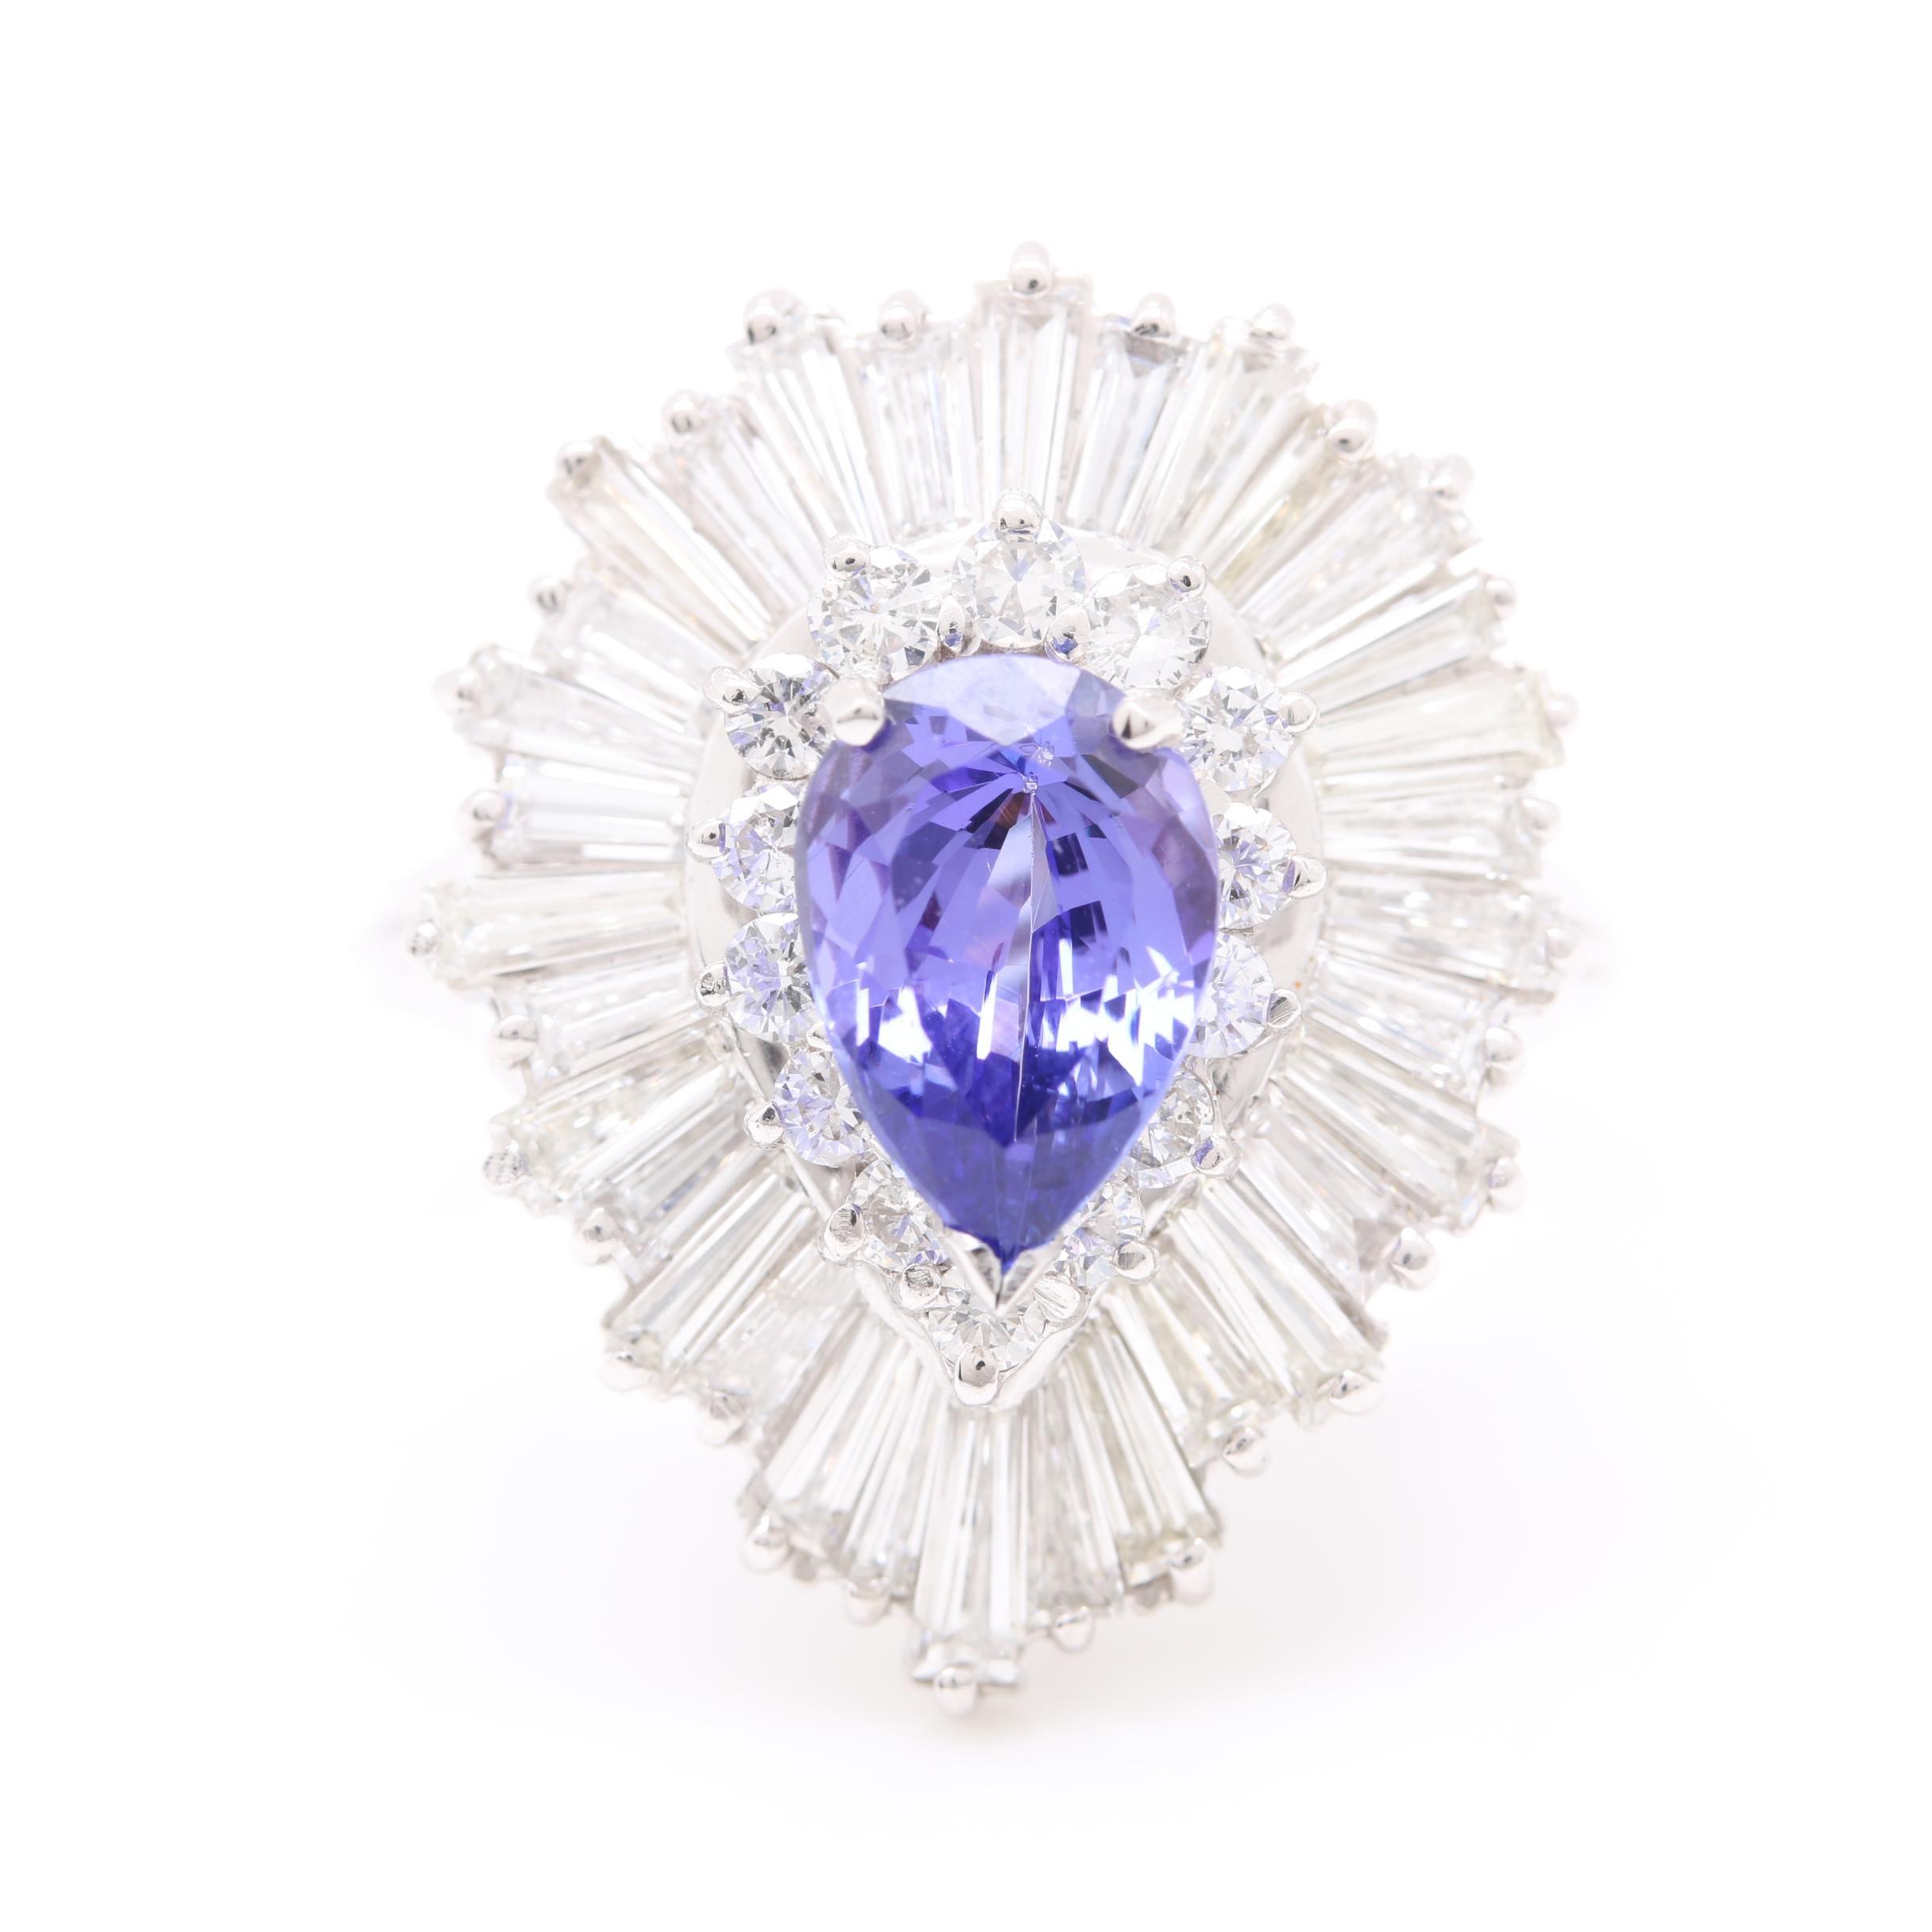 Platinum 1.77 CT Tanzanite and 3.86 CTW Diamond Statement Ring